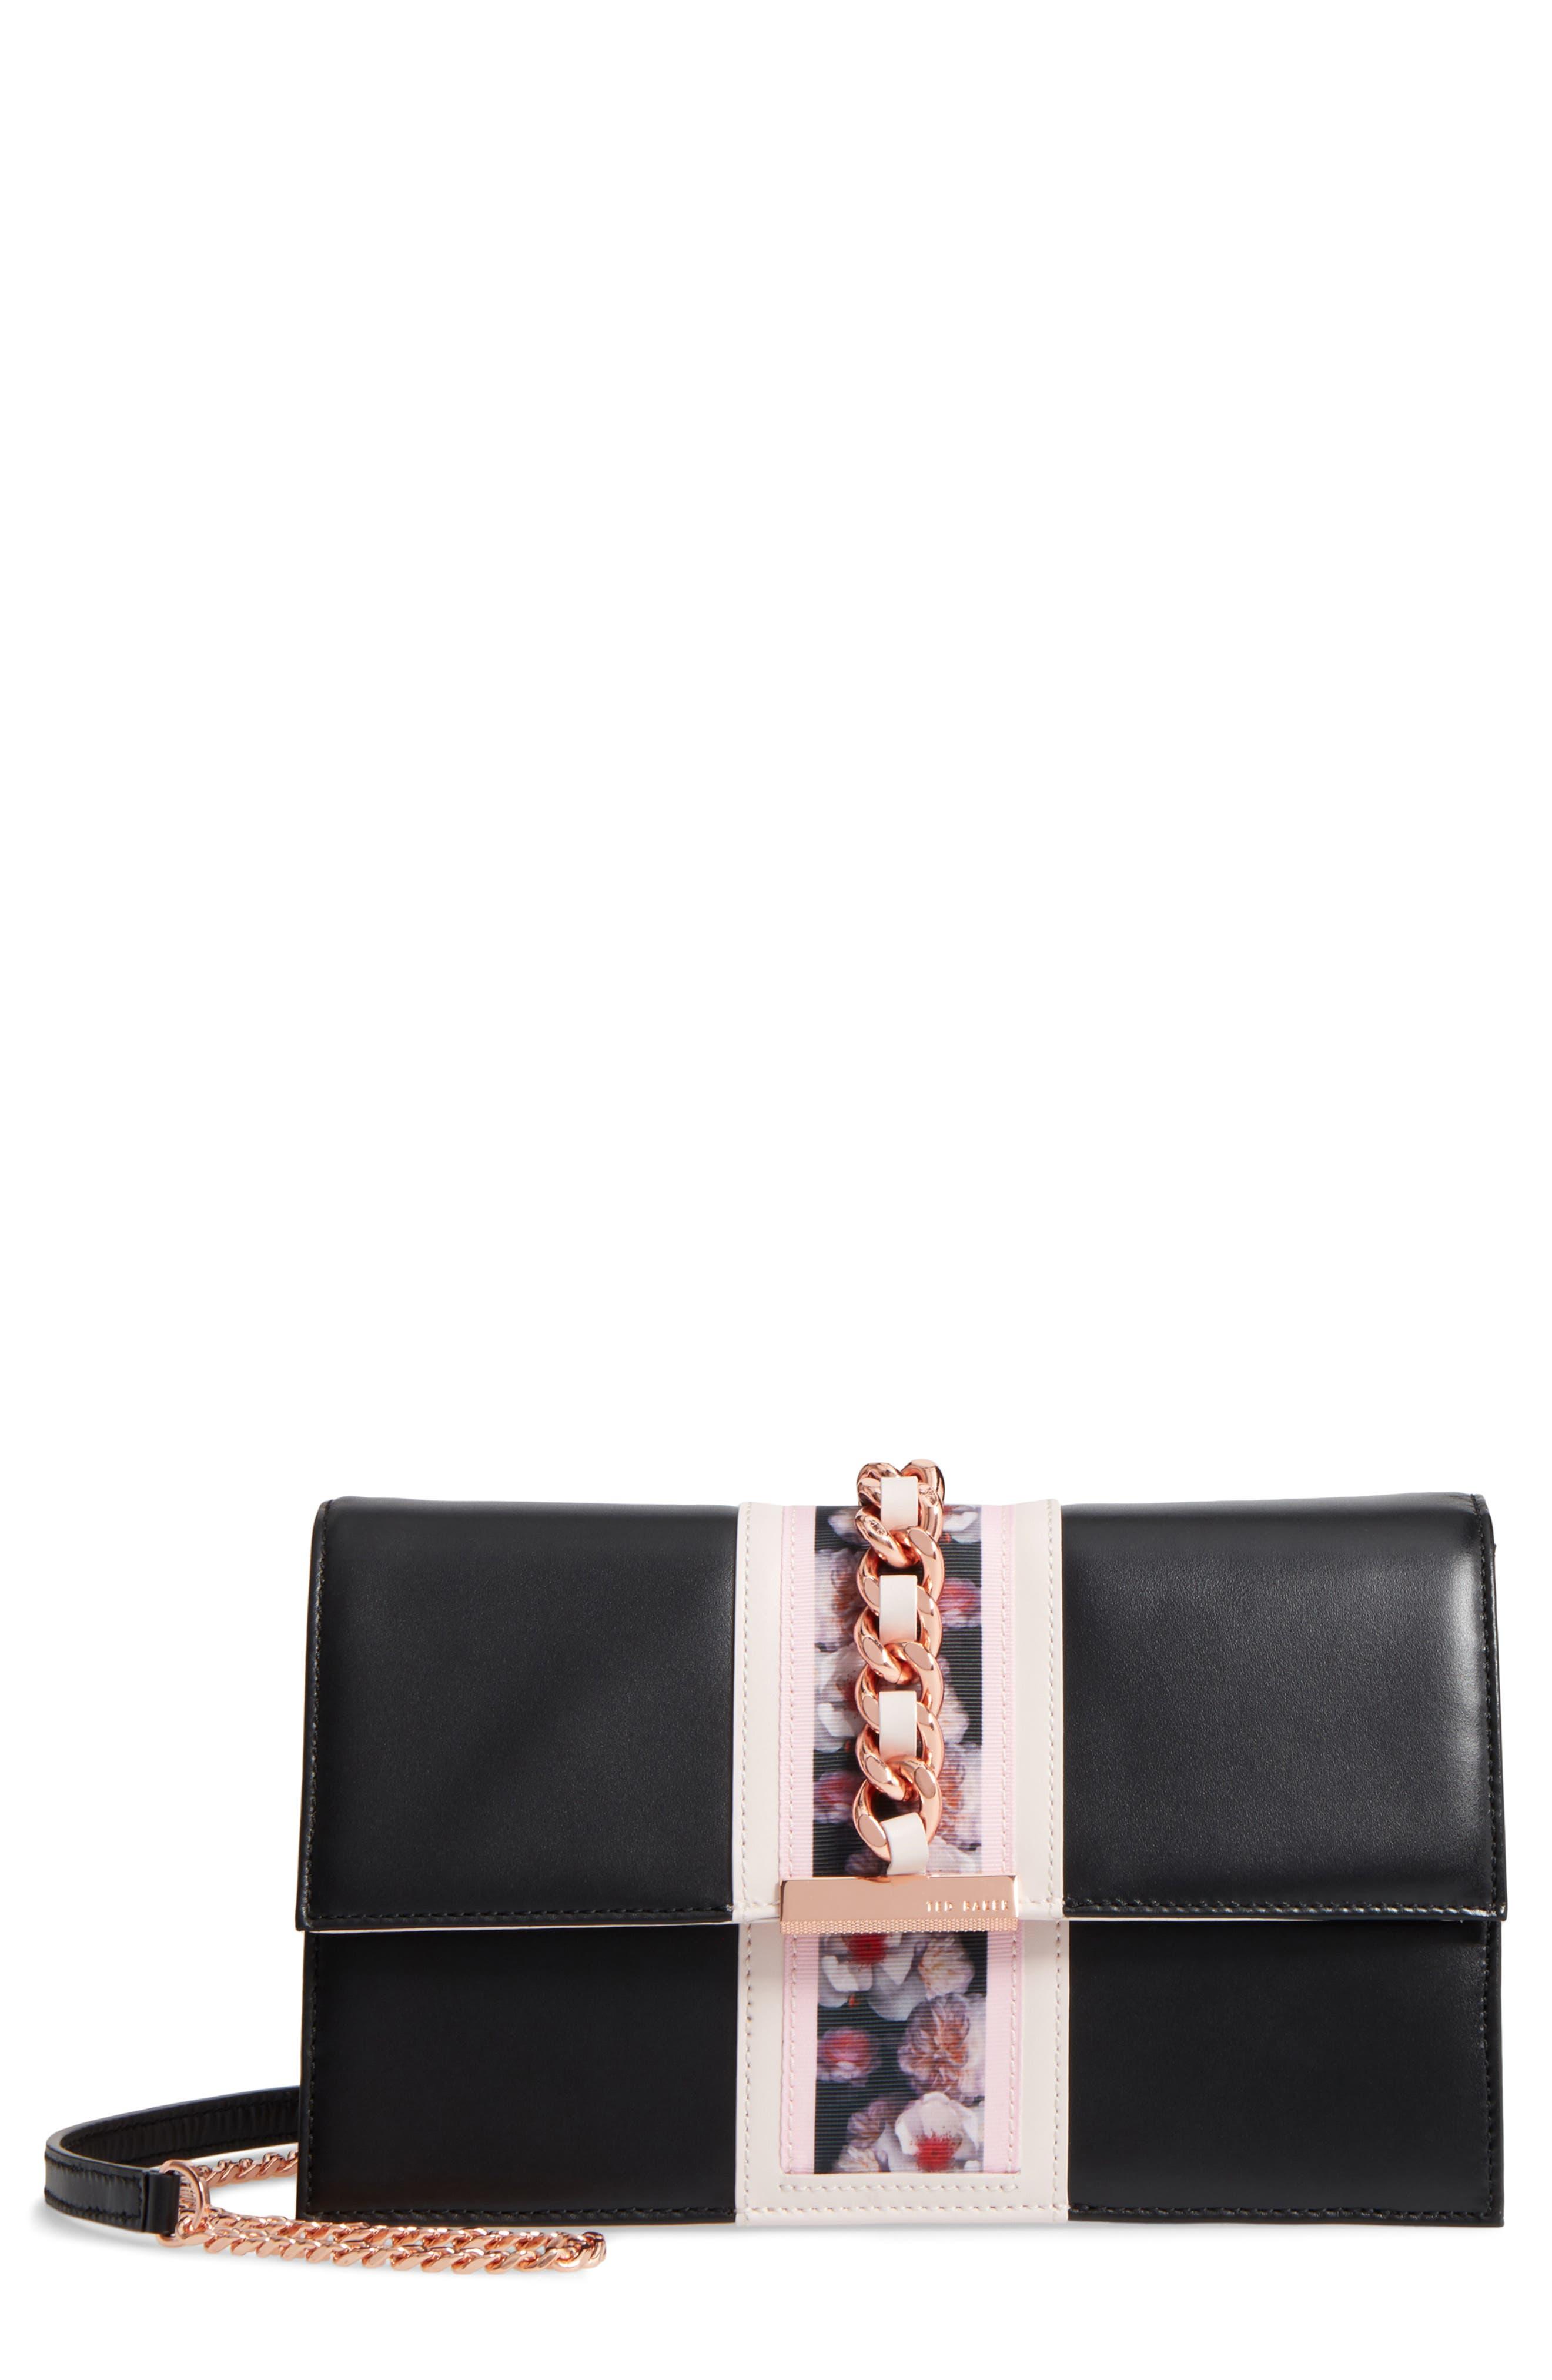 Ulayah Print Ribbon Crossbody Bag,                             Main thumbnail 1, color,                             001